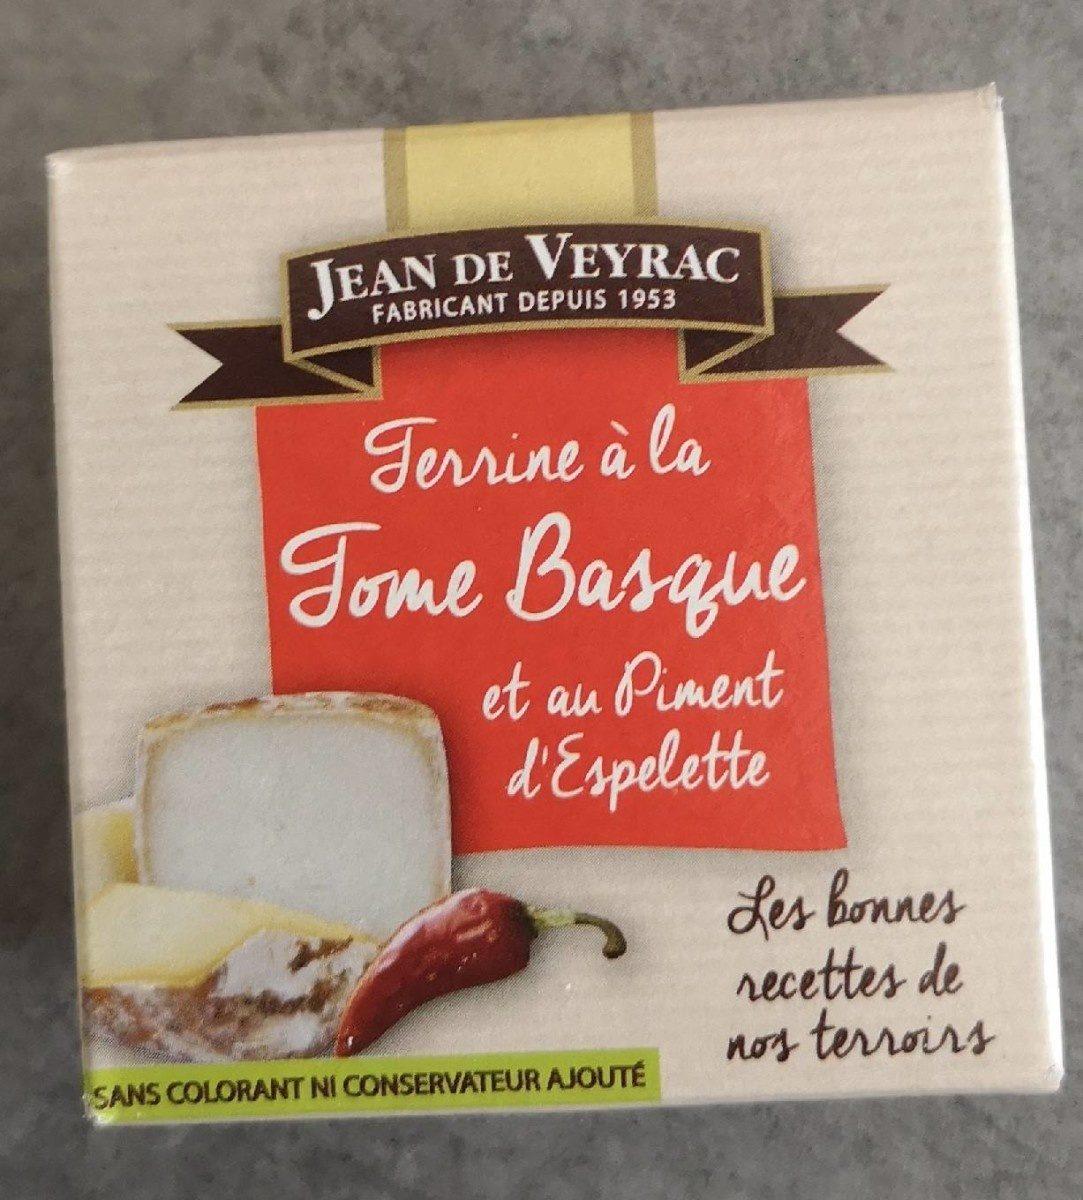 Terrine à la tome Basque - Product - fr